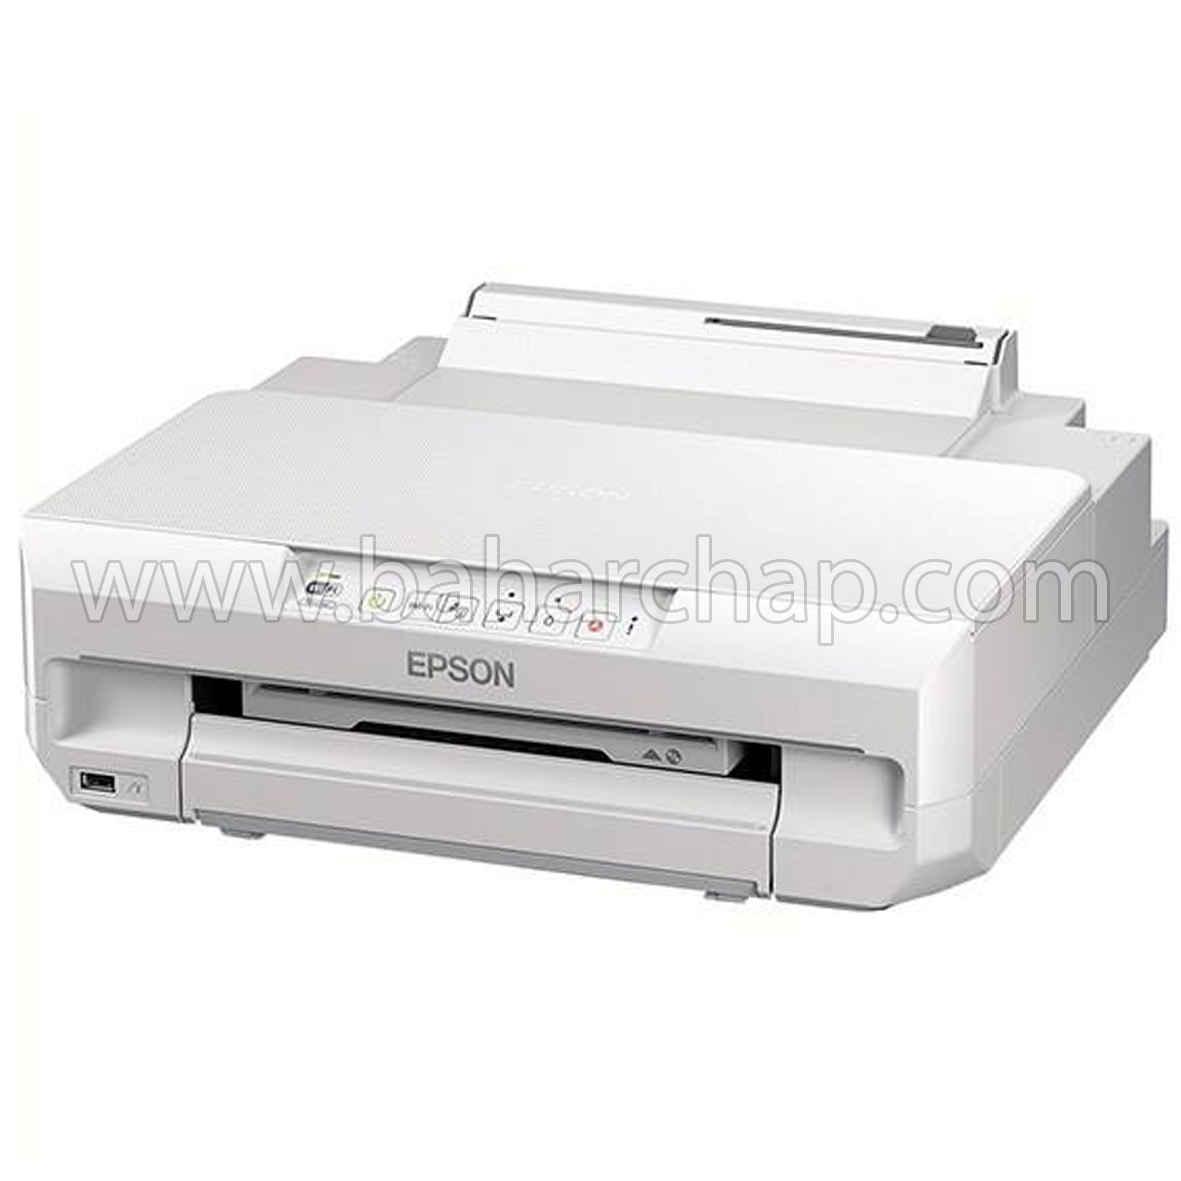 فروشگاه و خدمات اینترنتی بهارچاپ اصفهان-پرینتر چاپ کارت اپسون XP55 ارتقایافته-Epson XP 55 PVC card printer